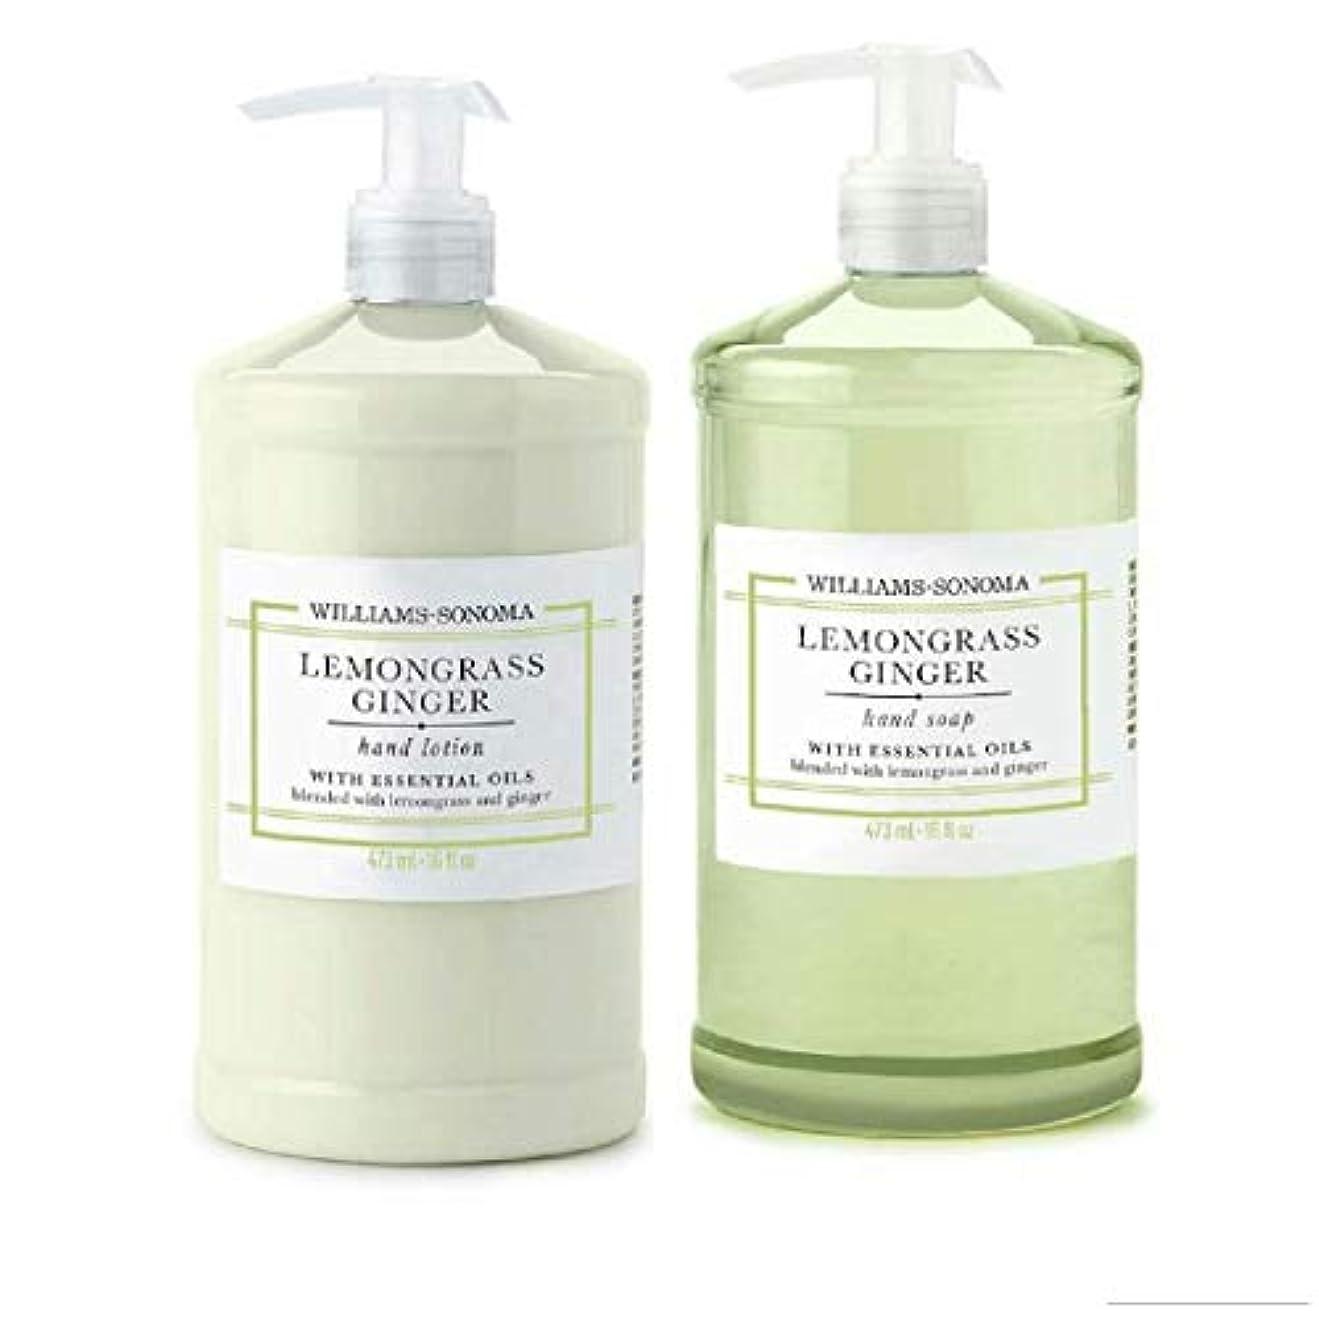 締め切り受動的高潔なWilliams Sonoma Lemongrass Ginger Hand Soap and Hand Lotion 16 oz each [並行輸入品]